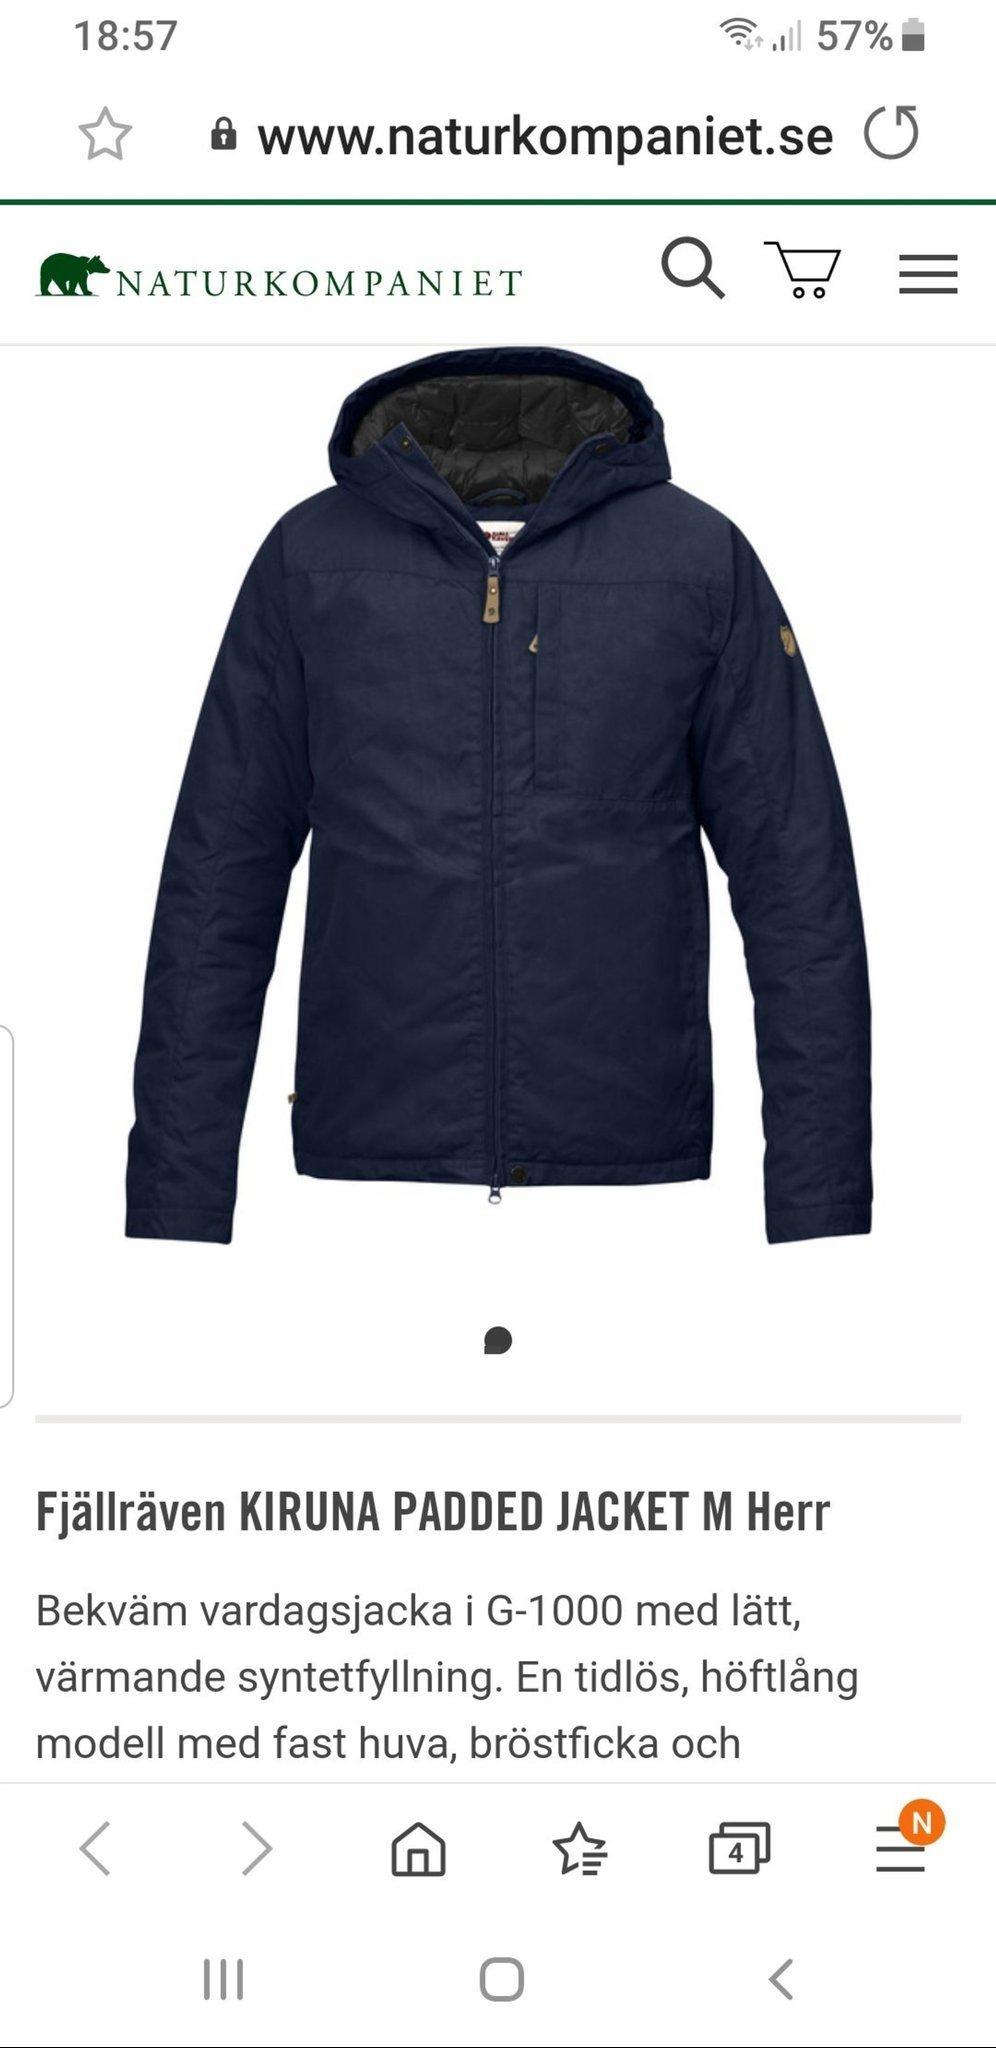 Fjällräven Kiruna Padded jacket,helt NY.Dark Navy.